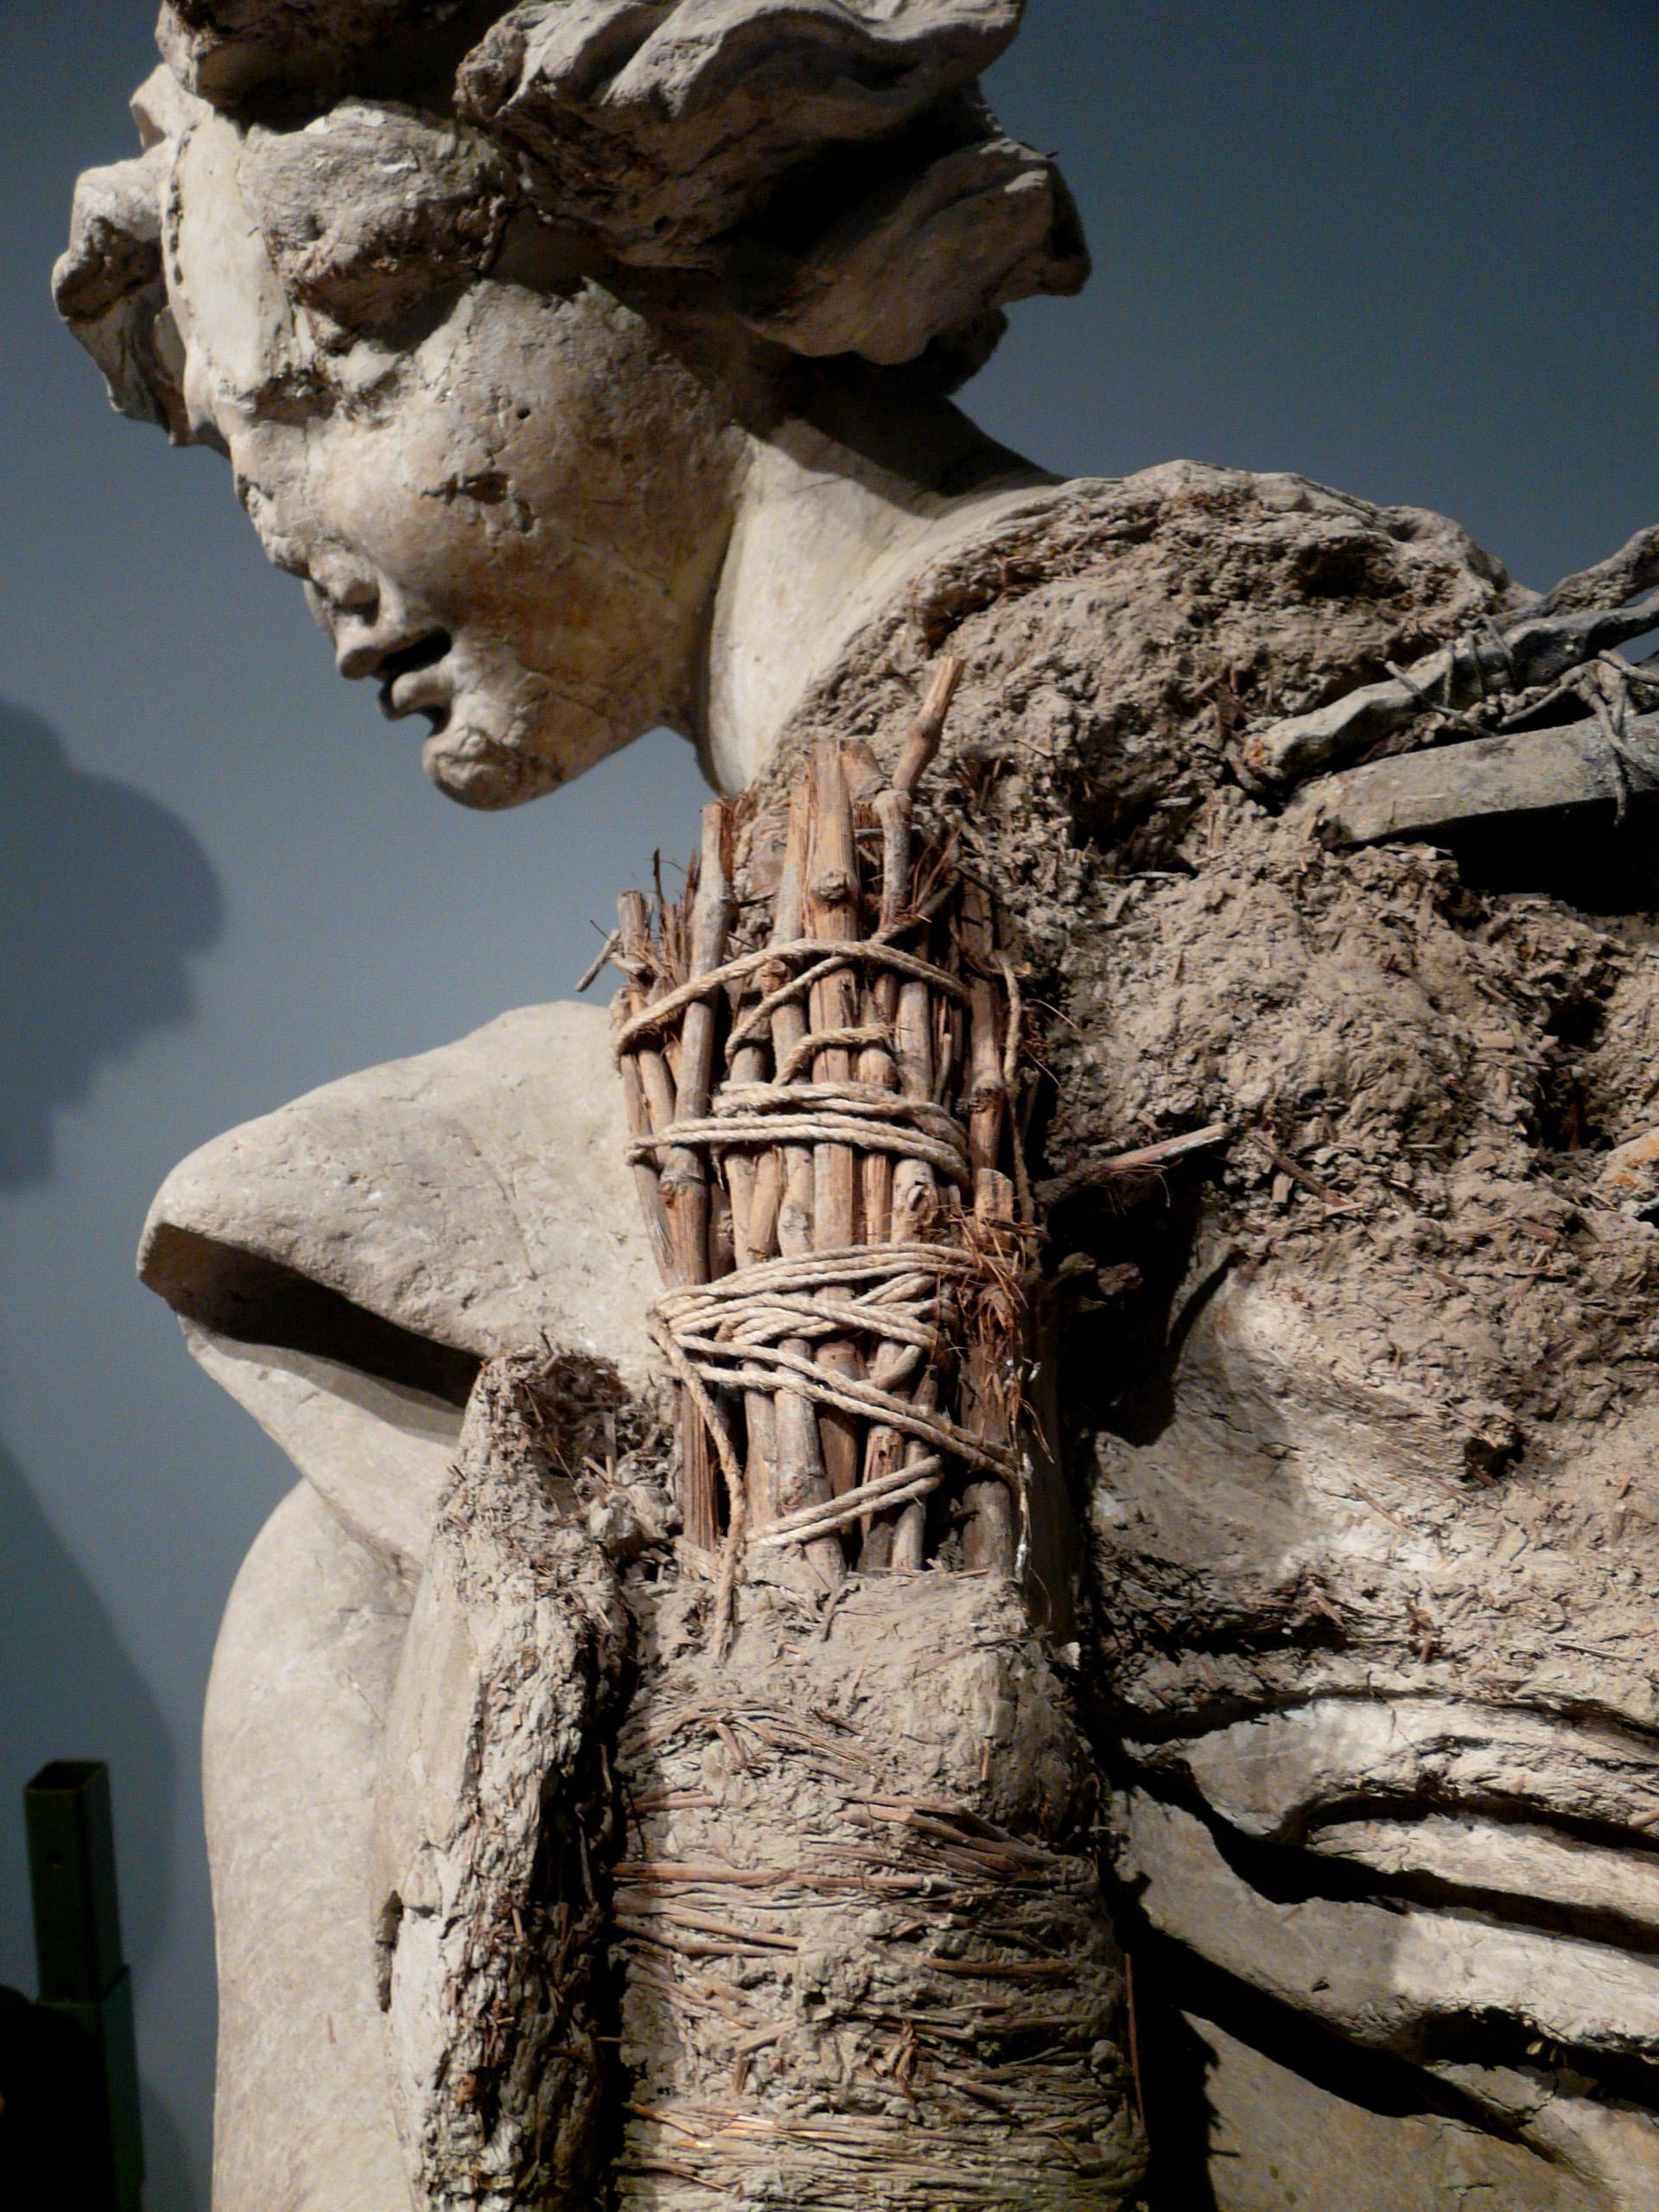 Bernini e i suoi modelli: ai Musei Vaticani in mostra l'opera incompiuta